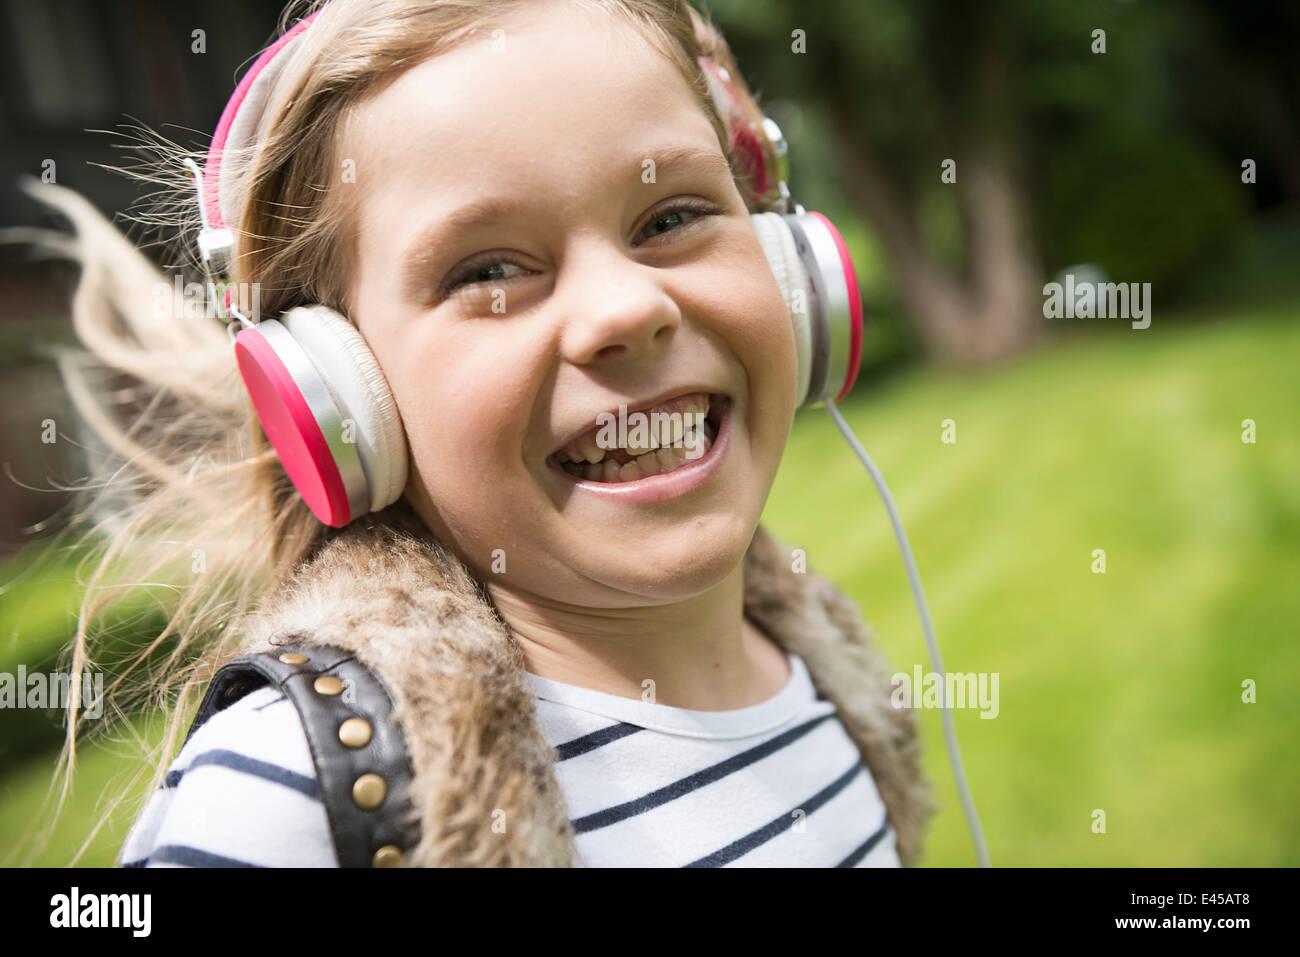 Ragazza ascoltando musica sulle cuffie Immagini Stock